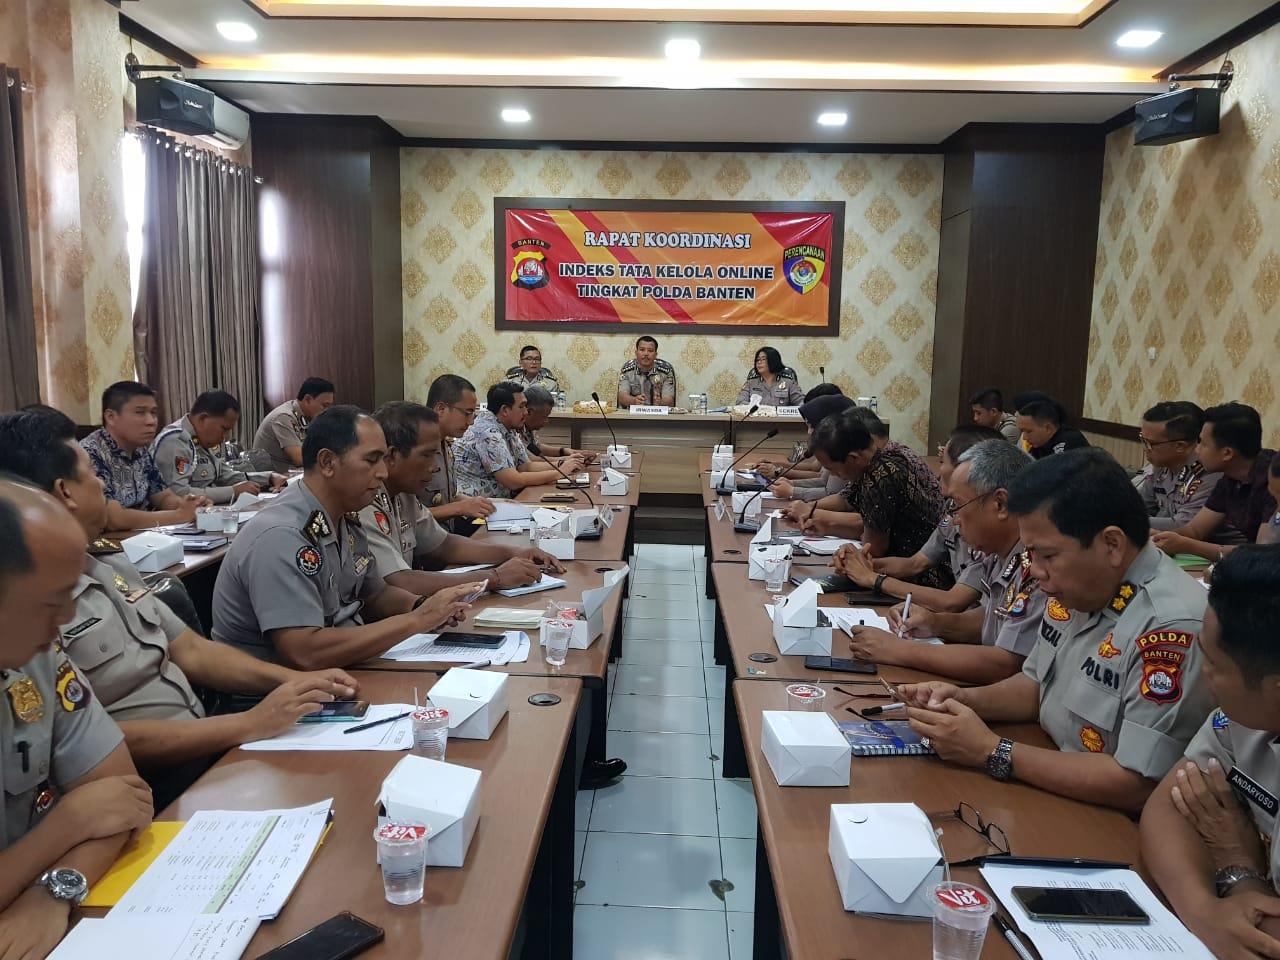 Rapat Koordinasi Tim Pokja Indeks Tata Kelola Online Tingkat Polda Banten